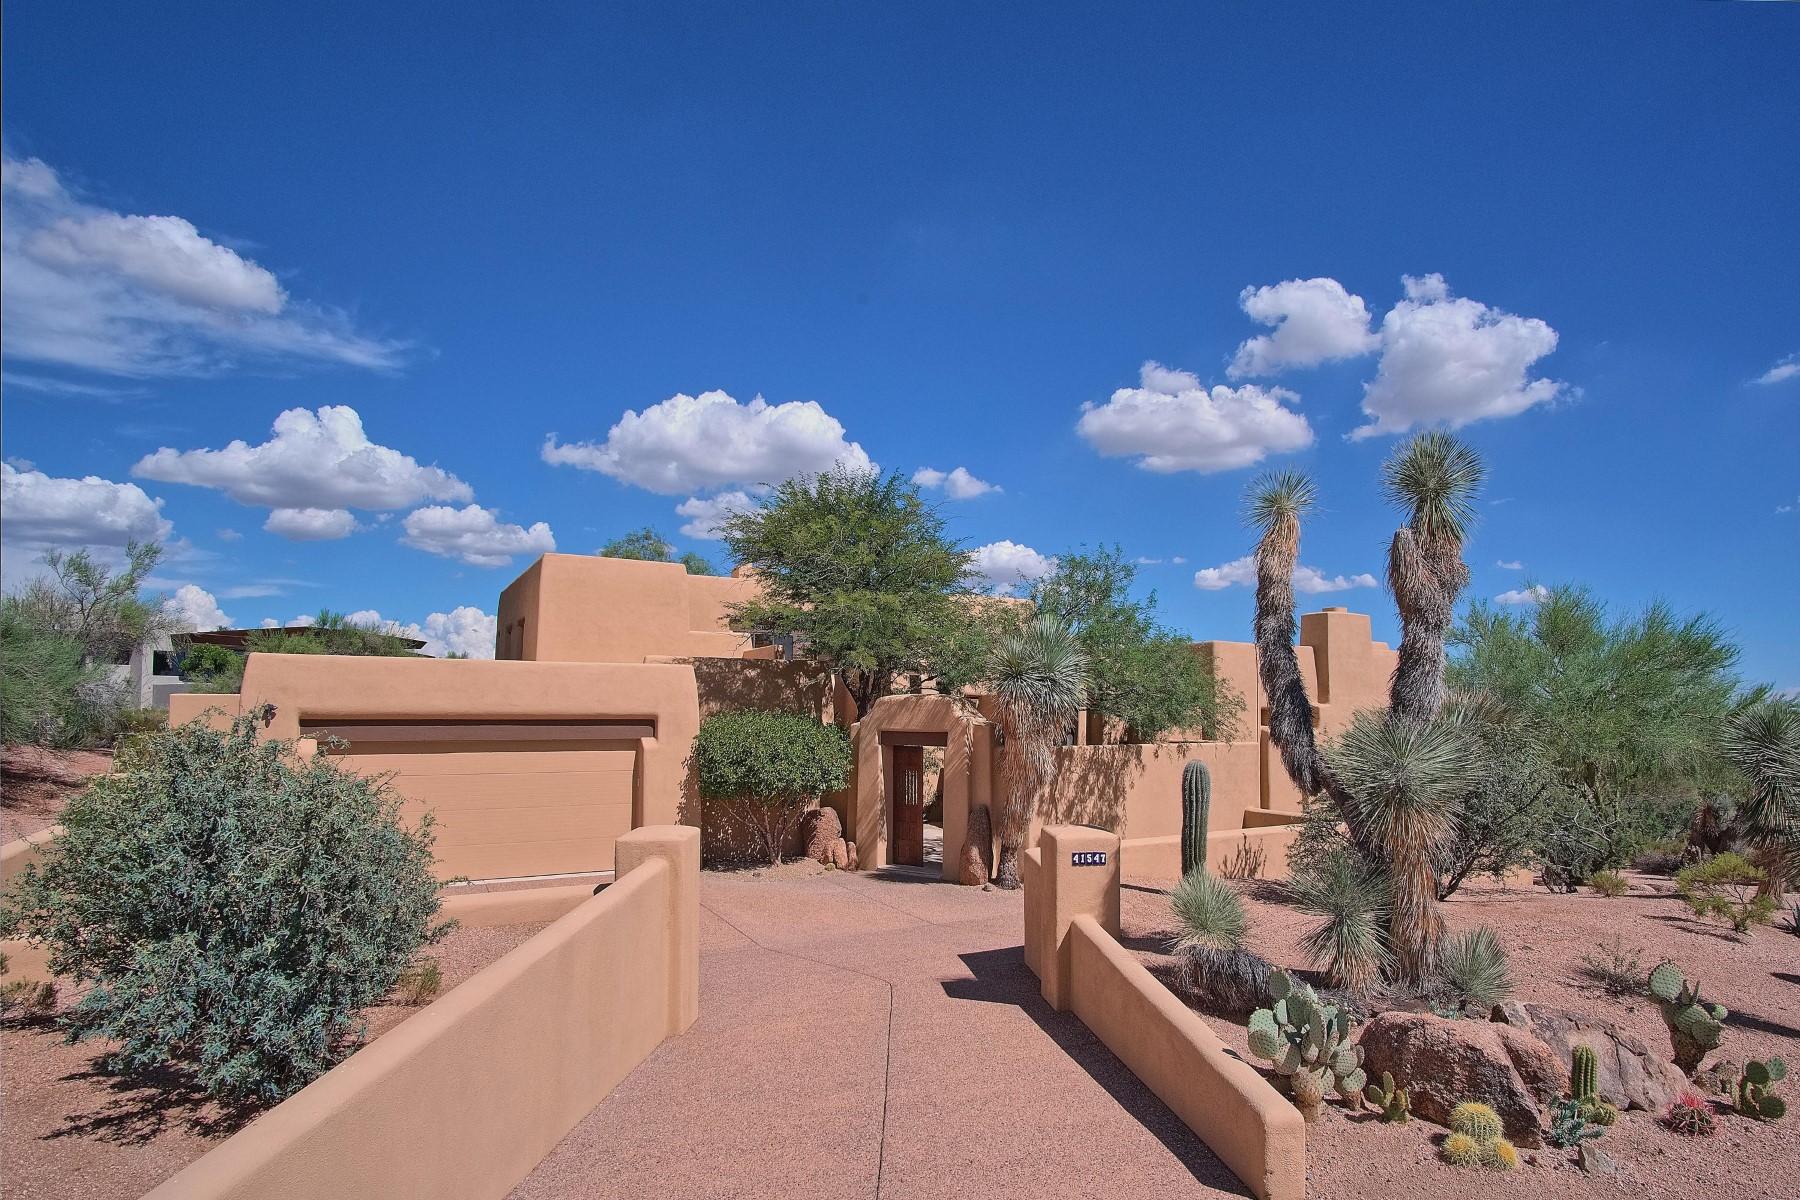 Propiedad en alquiler Scottsdale